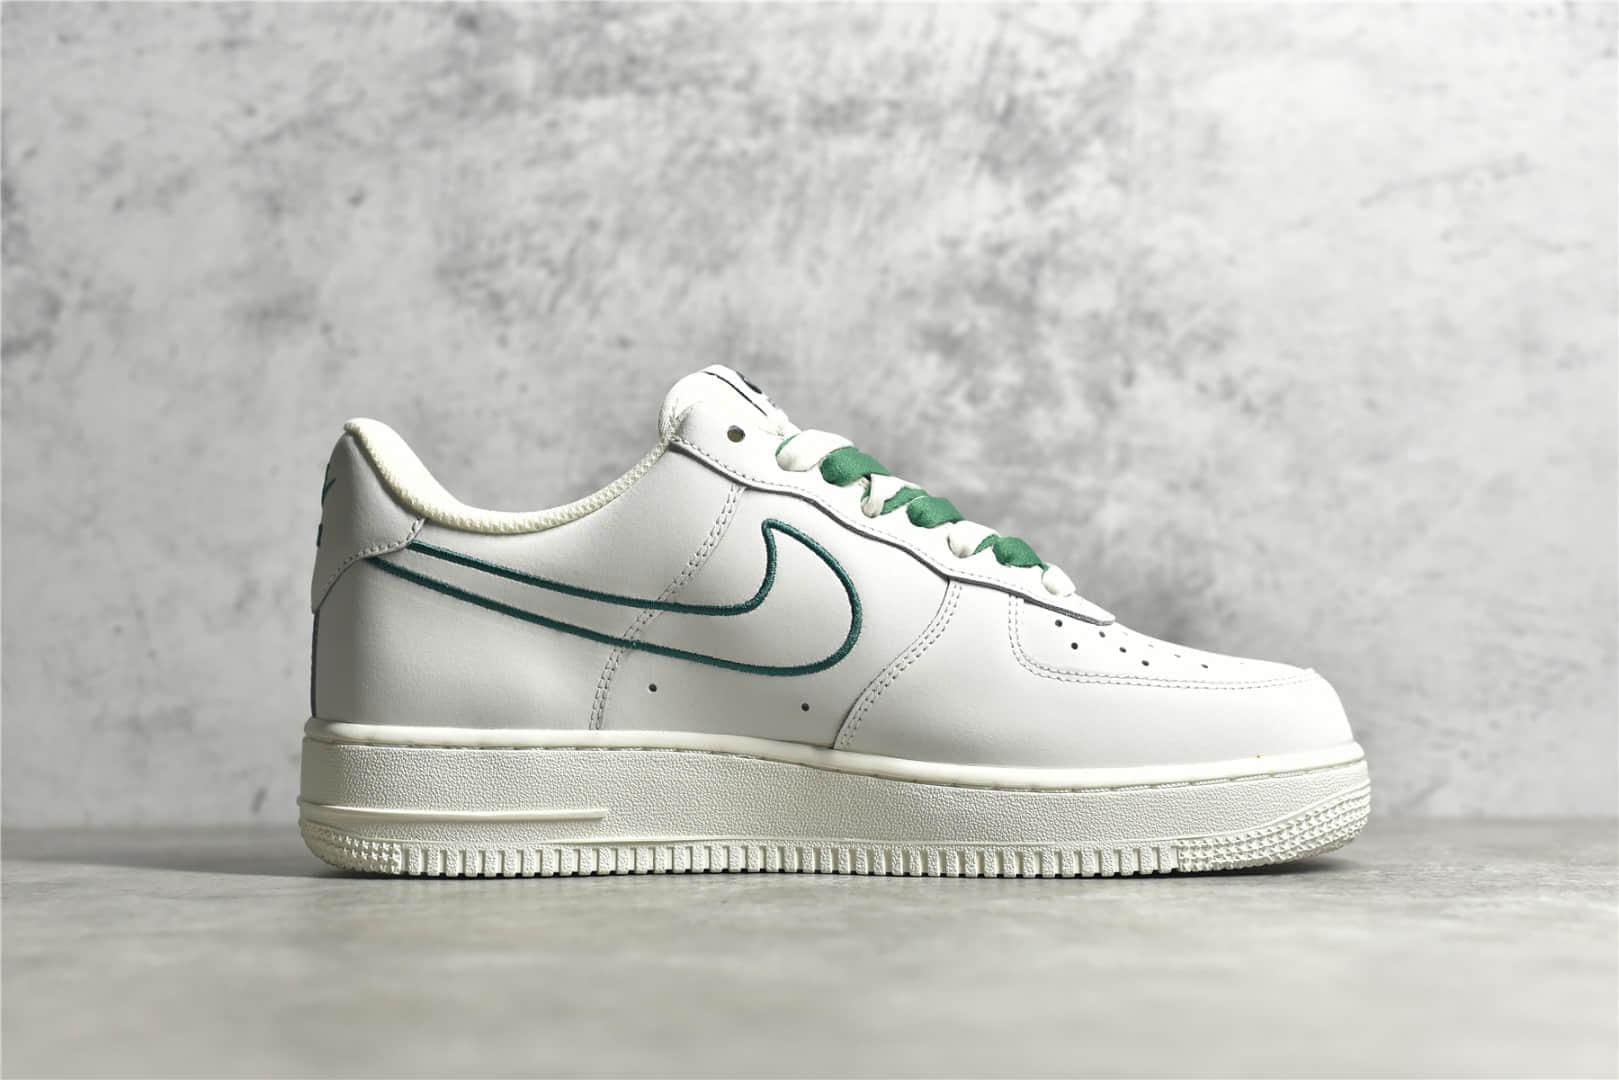 耐克空军一号奶白绿电绣勾 Nike Air Force 1 Low 耐克空军白绿低帮原厂耐克SOLE气垫 货号:CL6326-128-潮流者之家